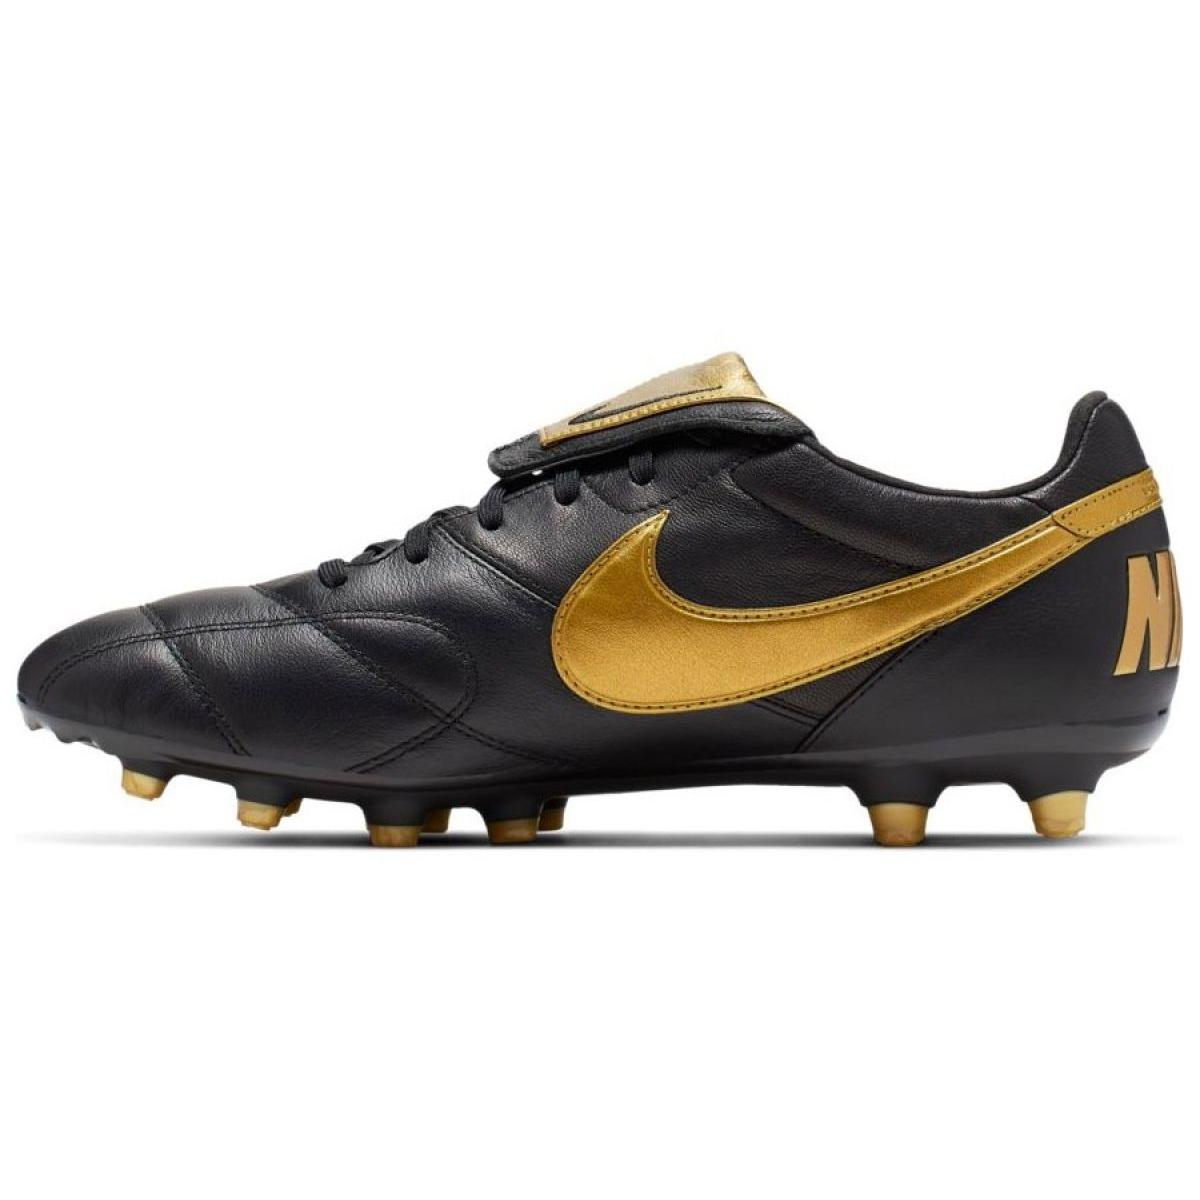 buying new outlet boutique various design Chaussures de foot Nike Premier Ii Fg M 917803-077 noir noir